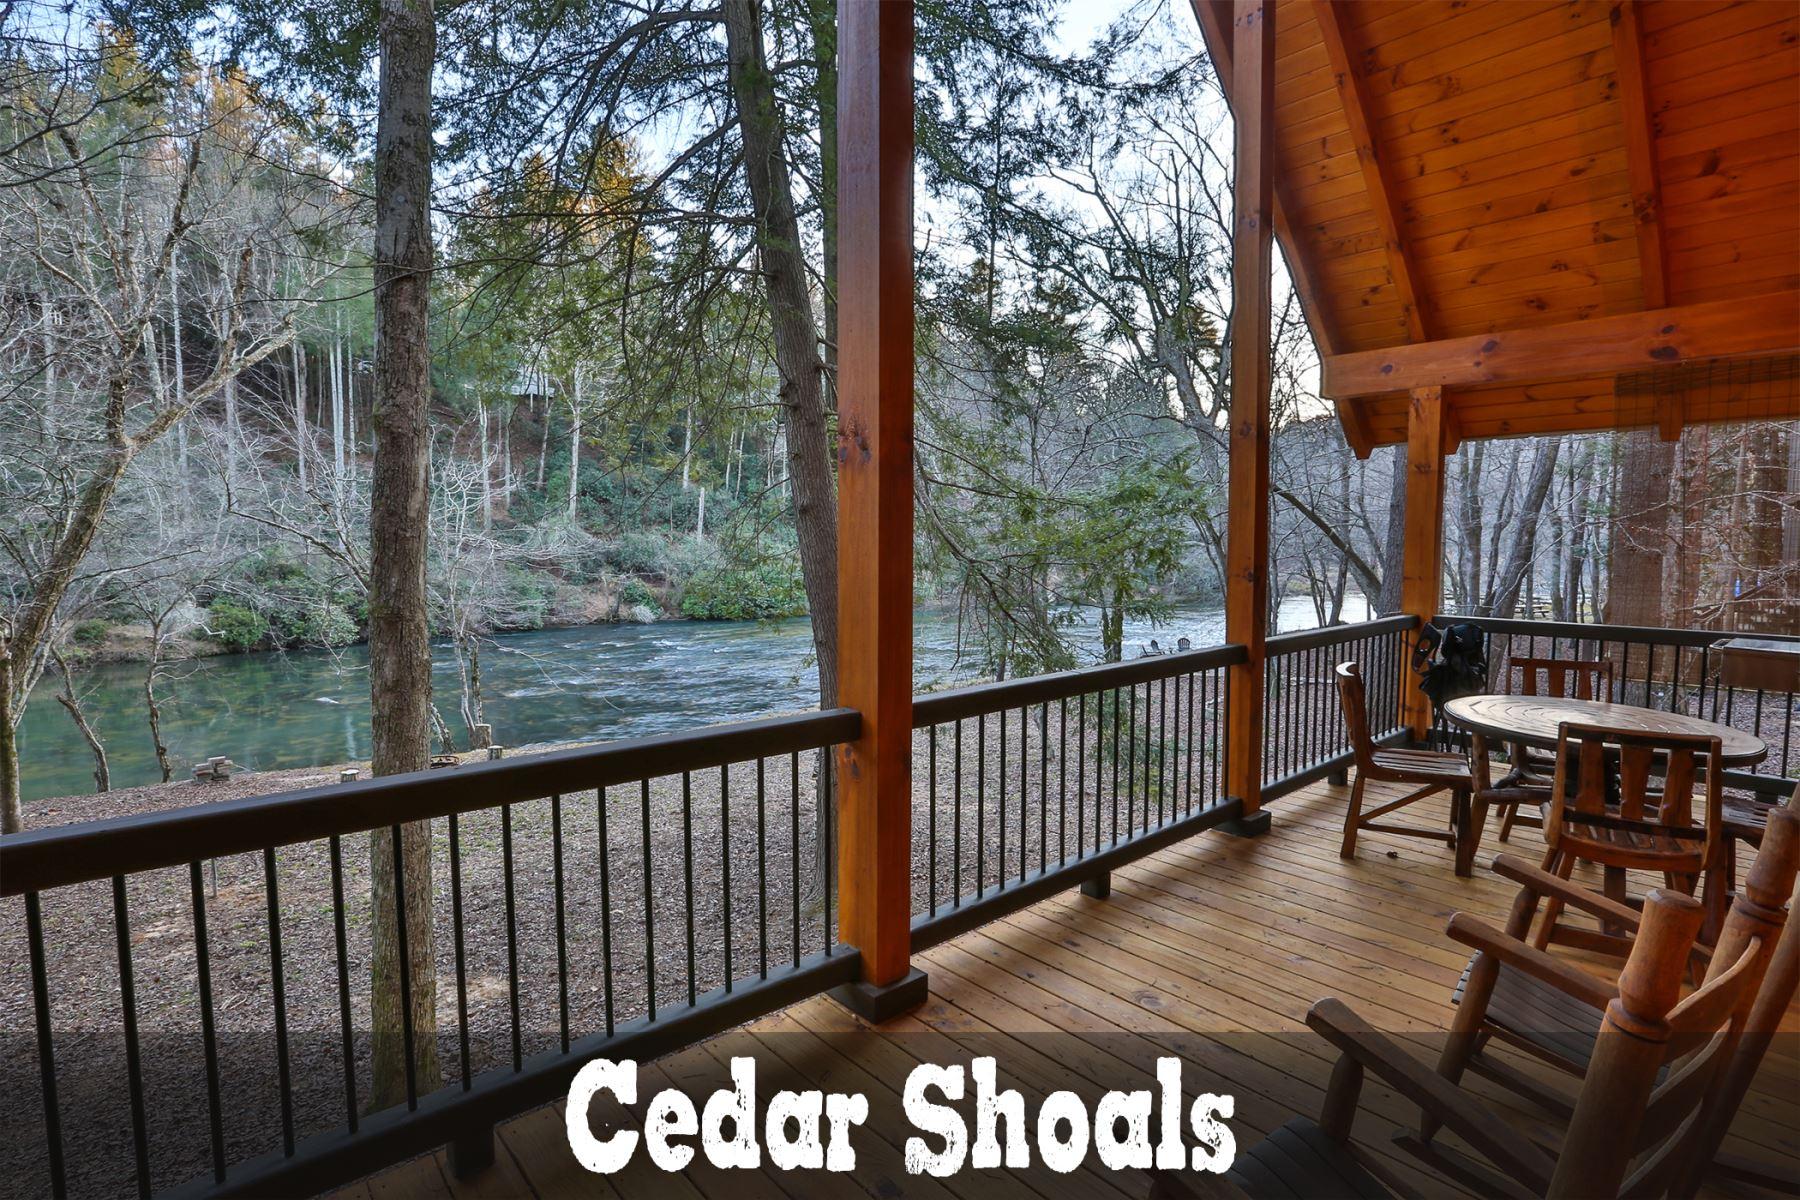 Cedar Shoals